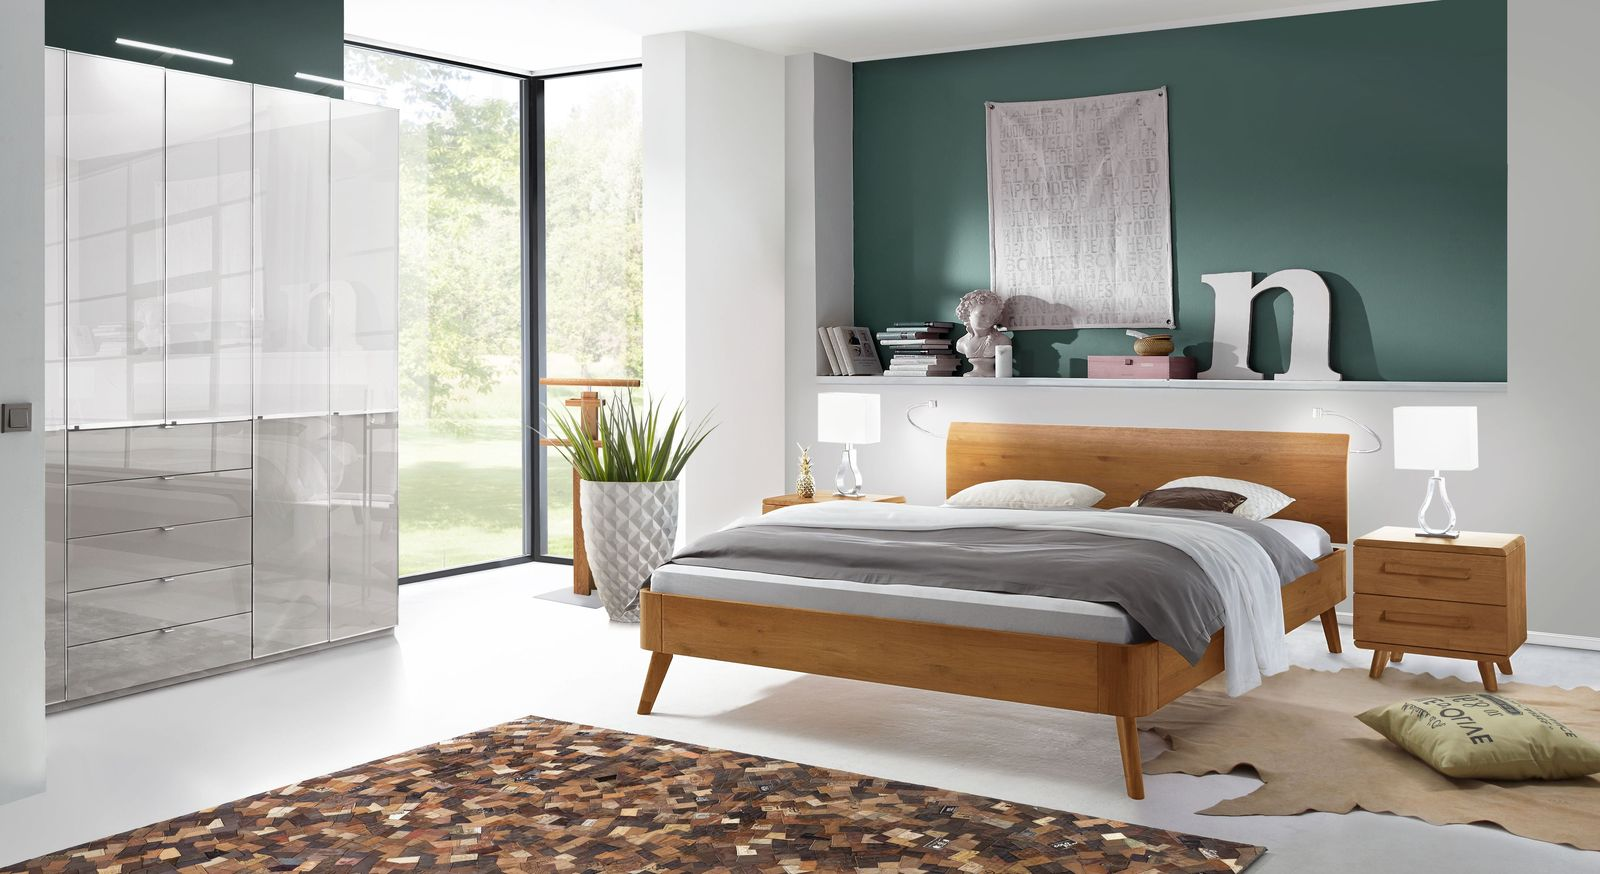 Bett Manouba mit passenden Schlafzimmermöbeln